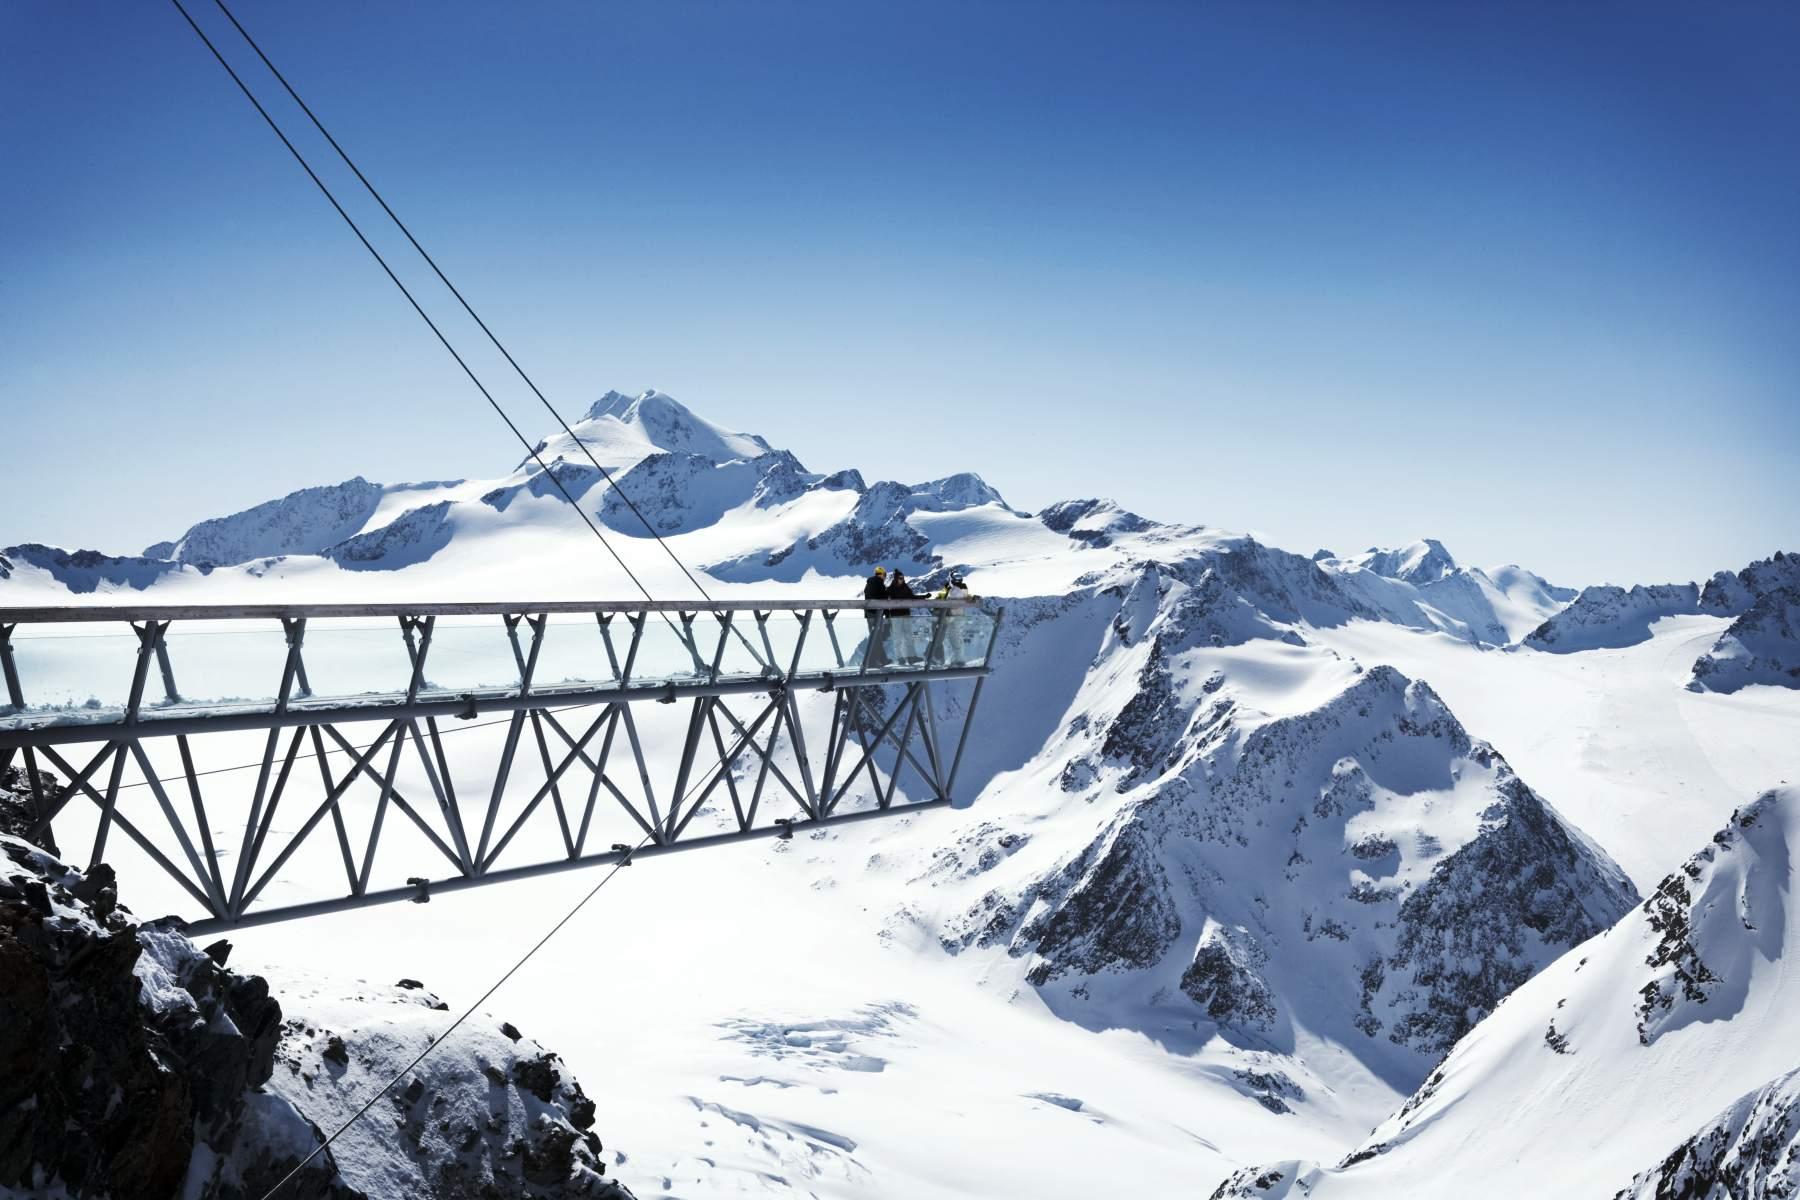 Bezoek hooggelegen skigebieden